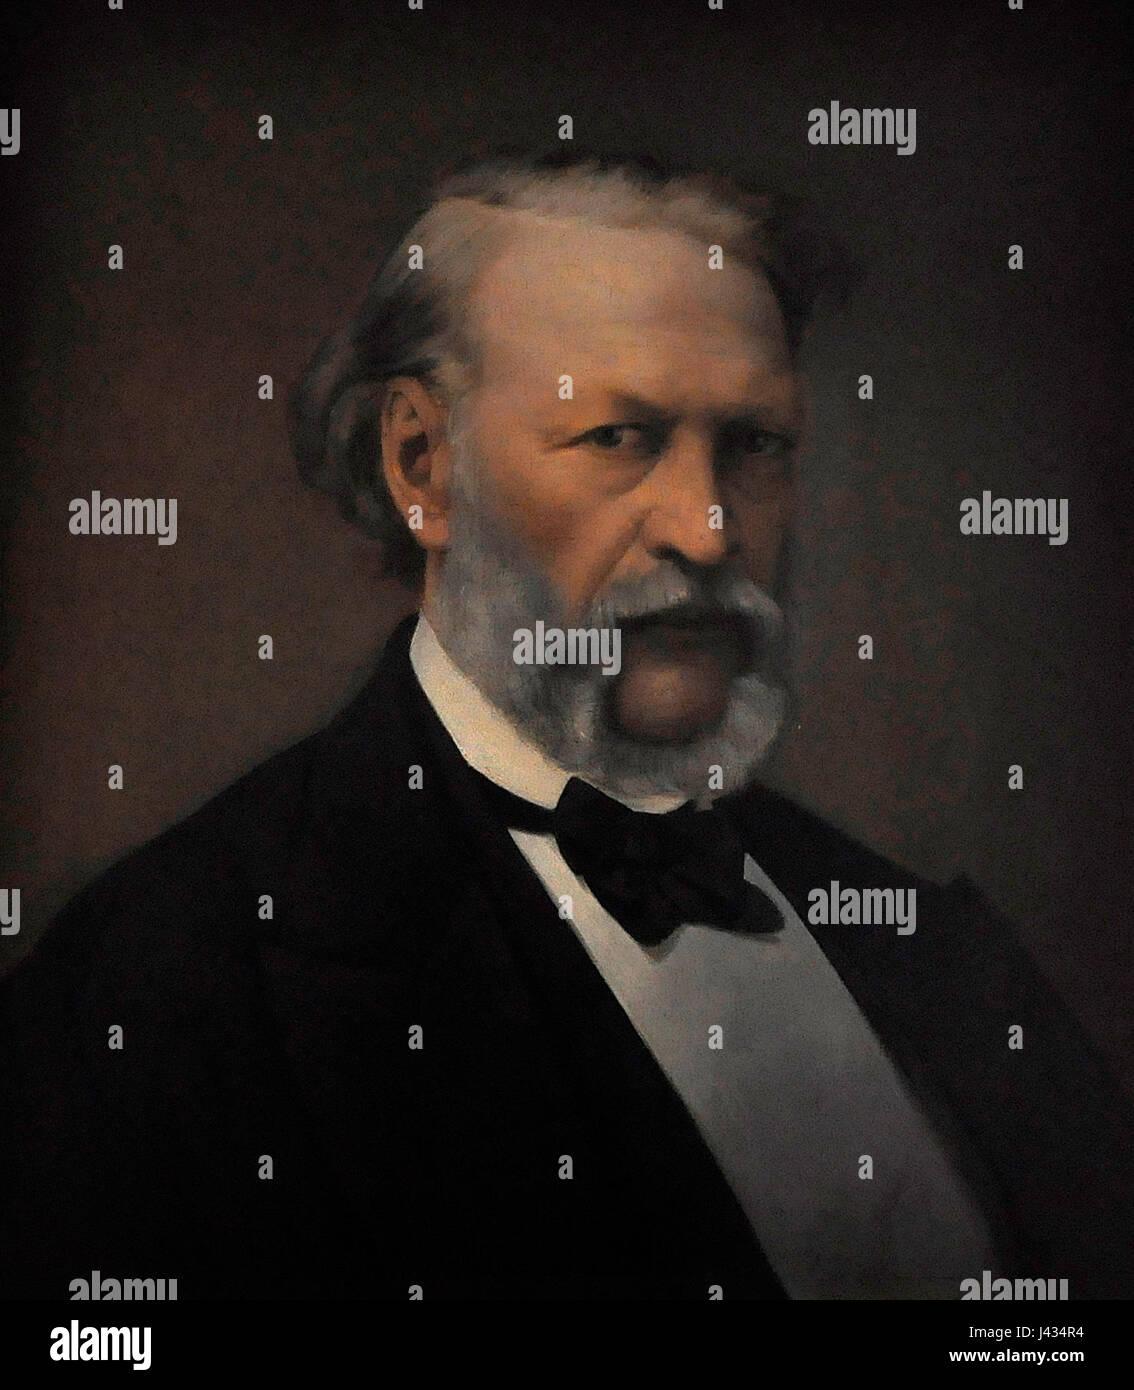 Kortrijk 1302 Henri De Pondt portret van Hendrik Conscience ca. 1870 9 01 2010 14 59 41 - Stock Image